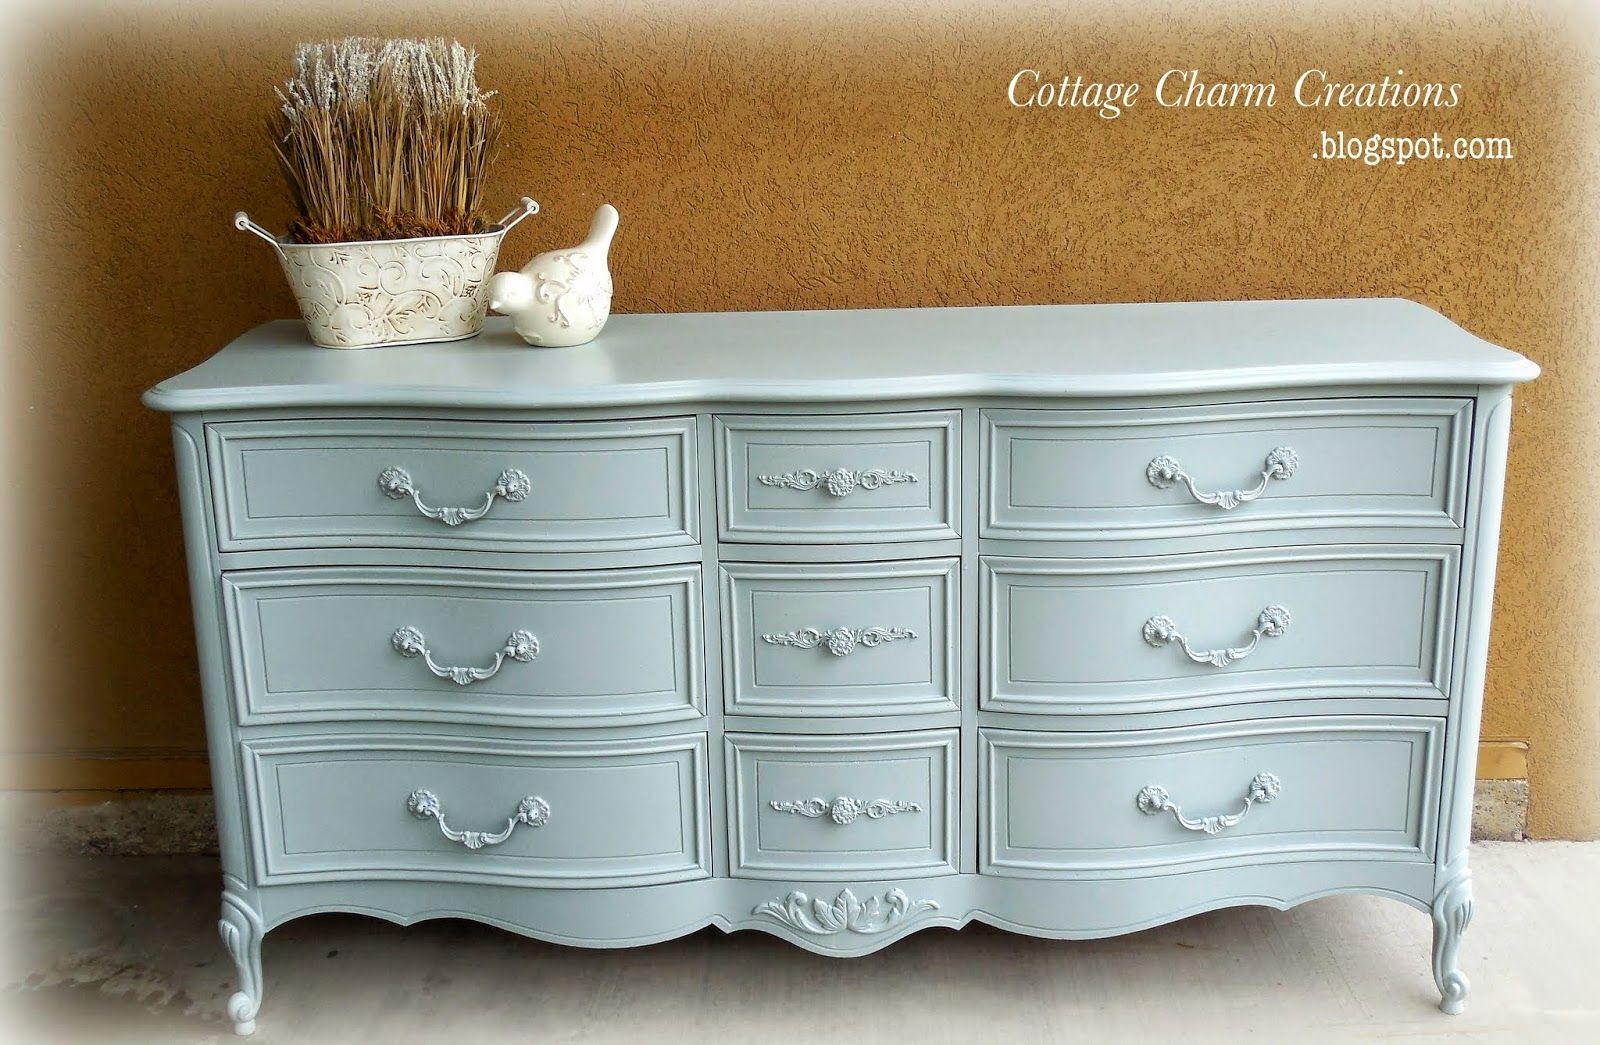 Cottage Charm Creations Vintage Dresser